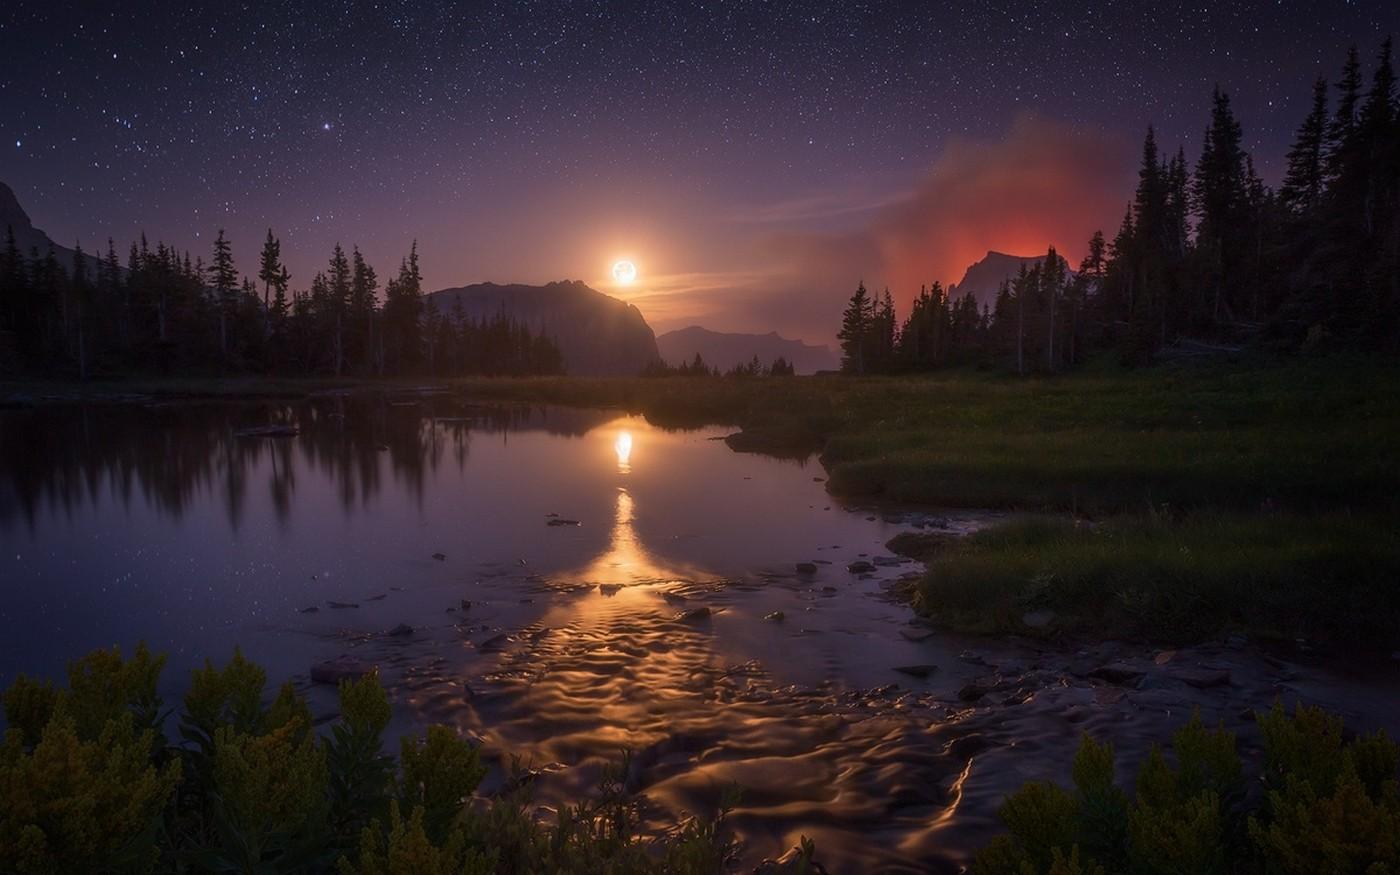 картинка ночной берег озера нас можно заказать